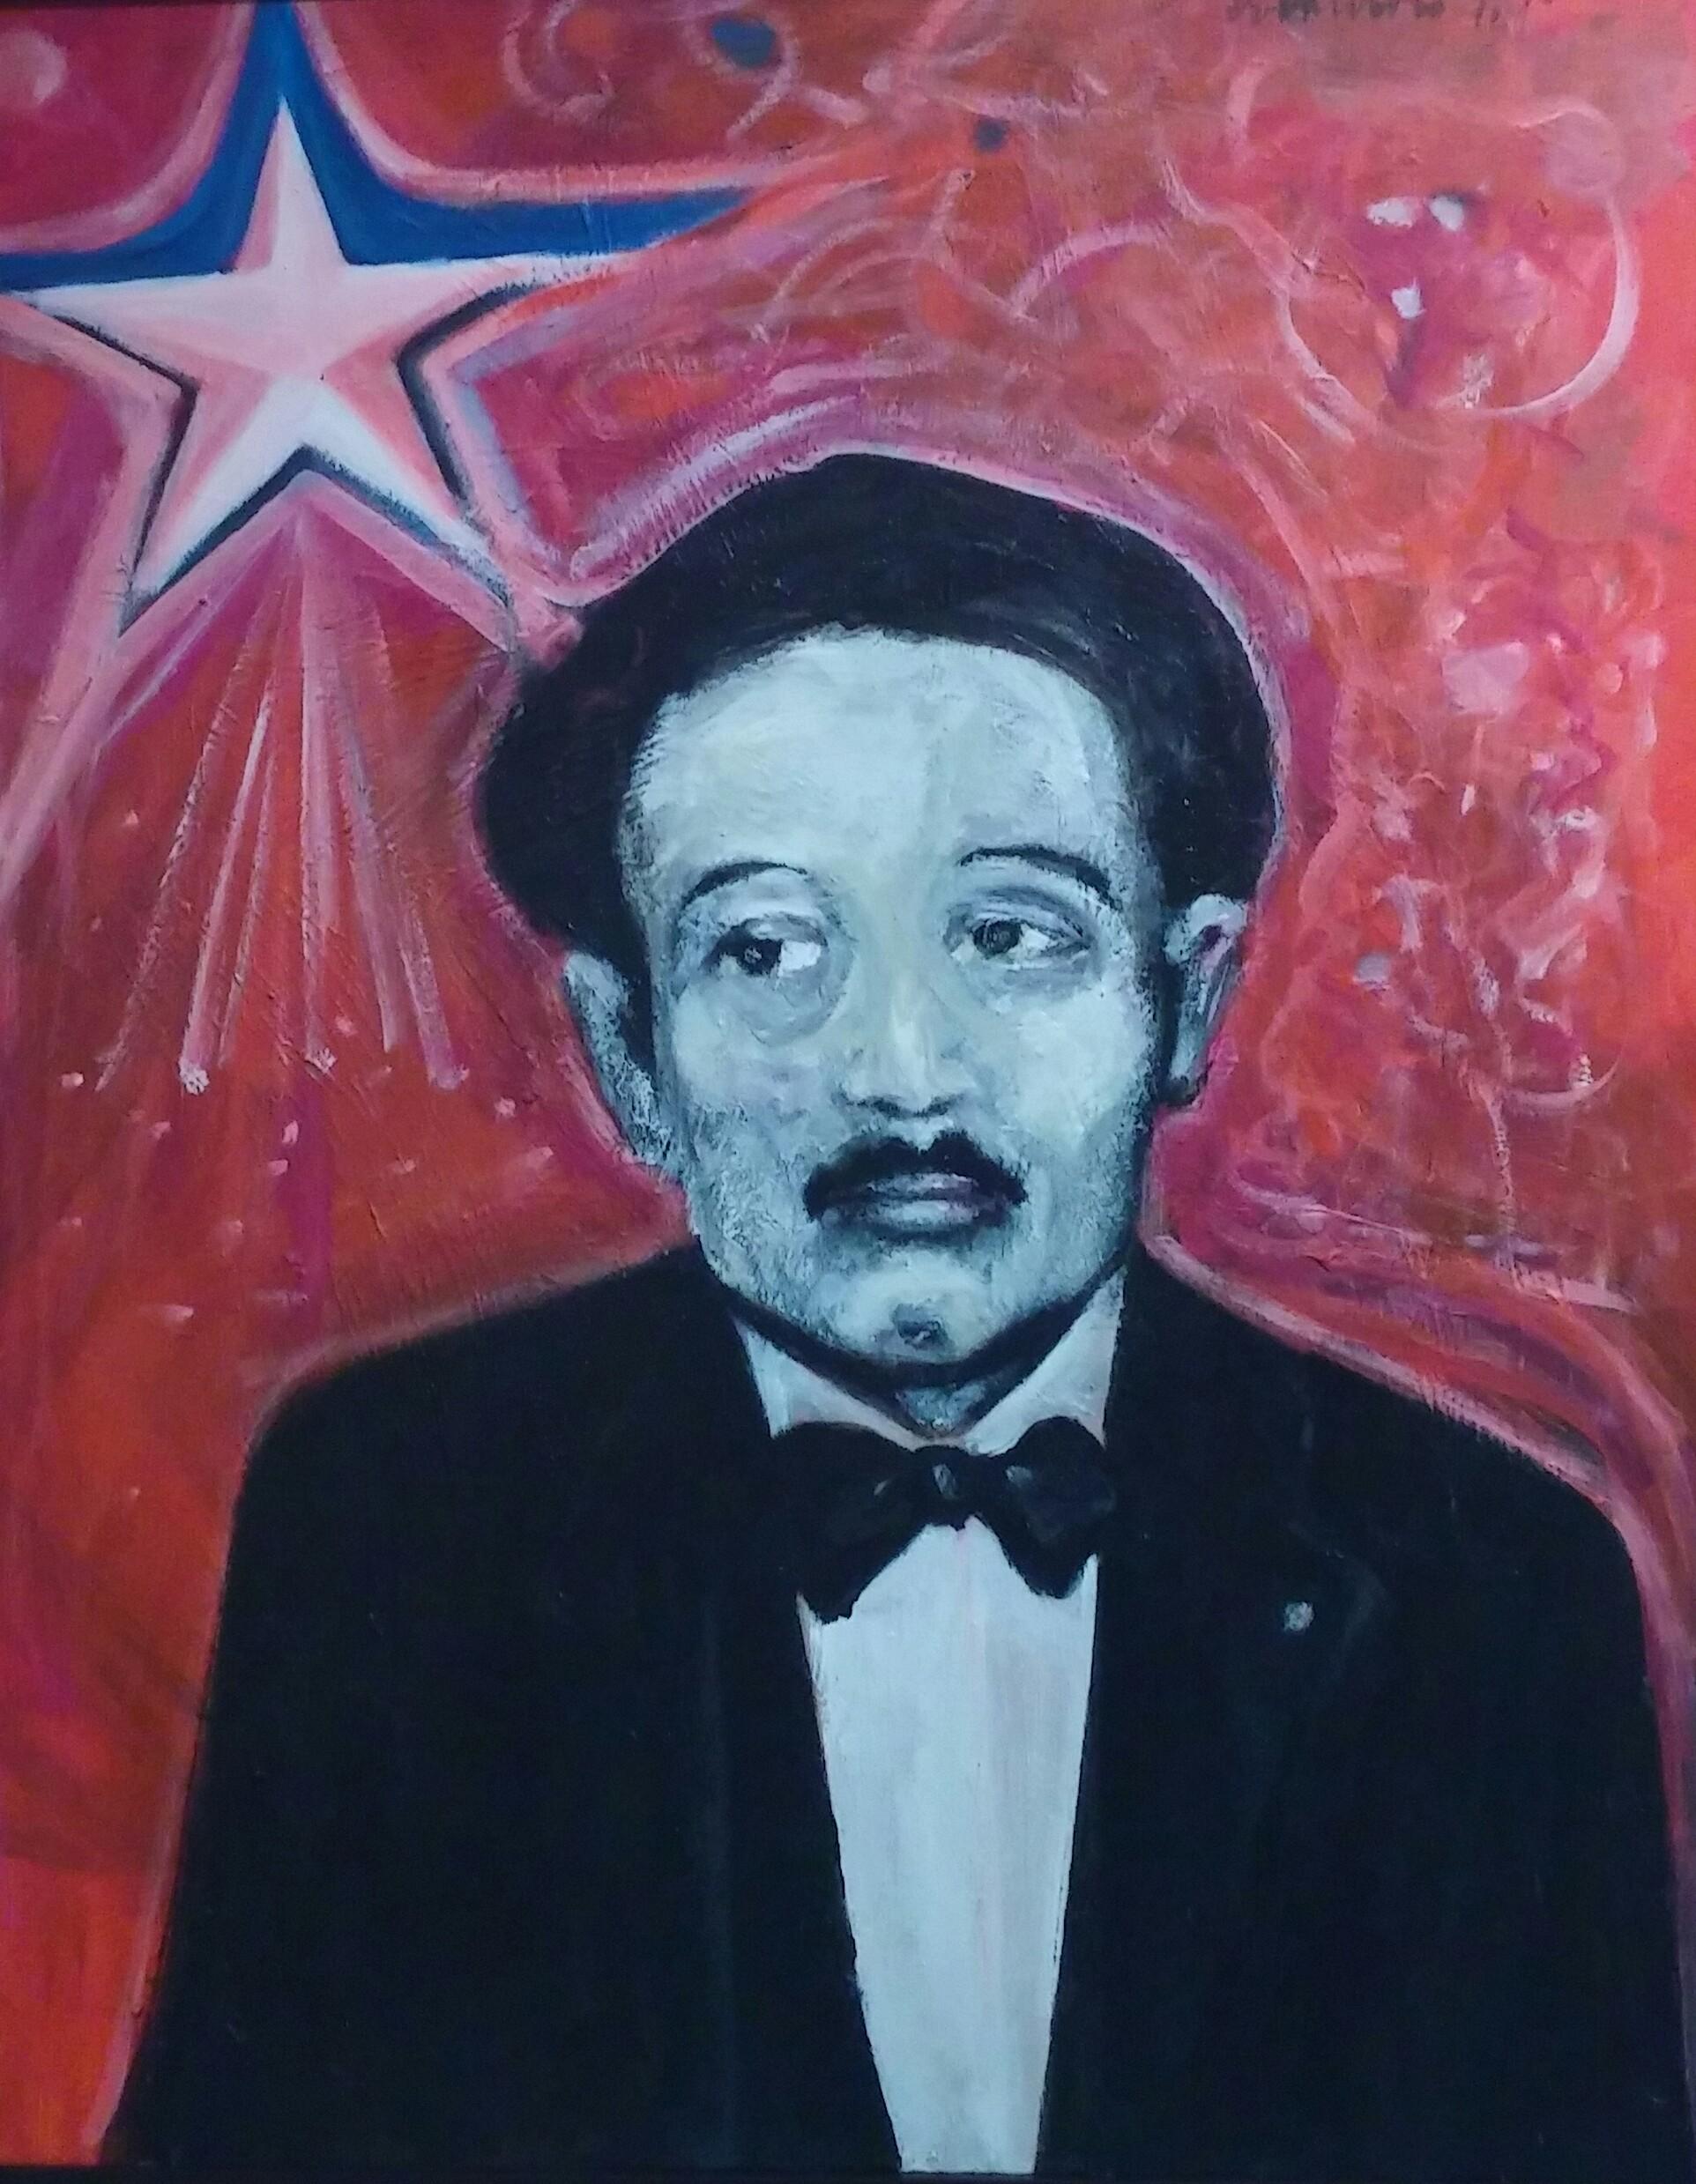 Don Pedro Meditando, acrílico sobre lienzo (2010) de Antonio Carrión Torruellas. (Foto Gabriela Ortiz para Fundación Nacional para la Cultura Popular)